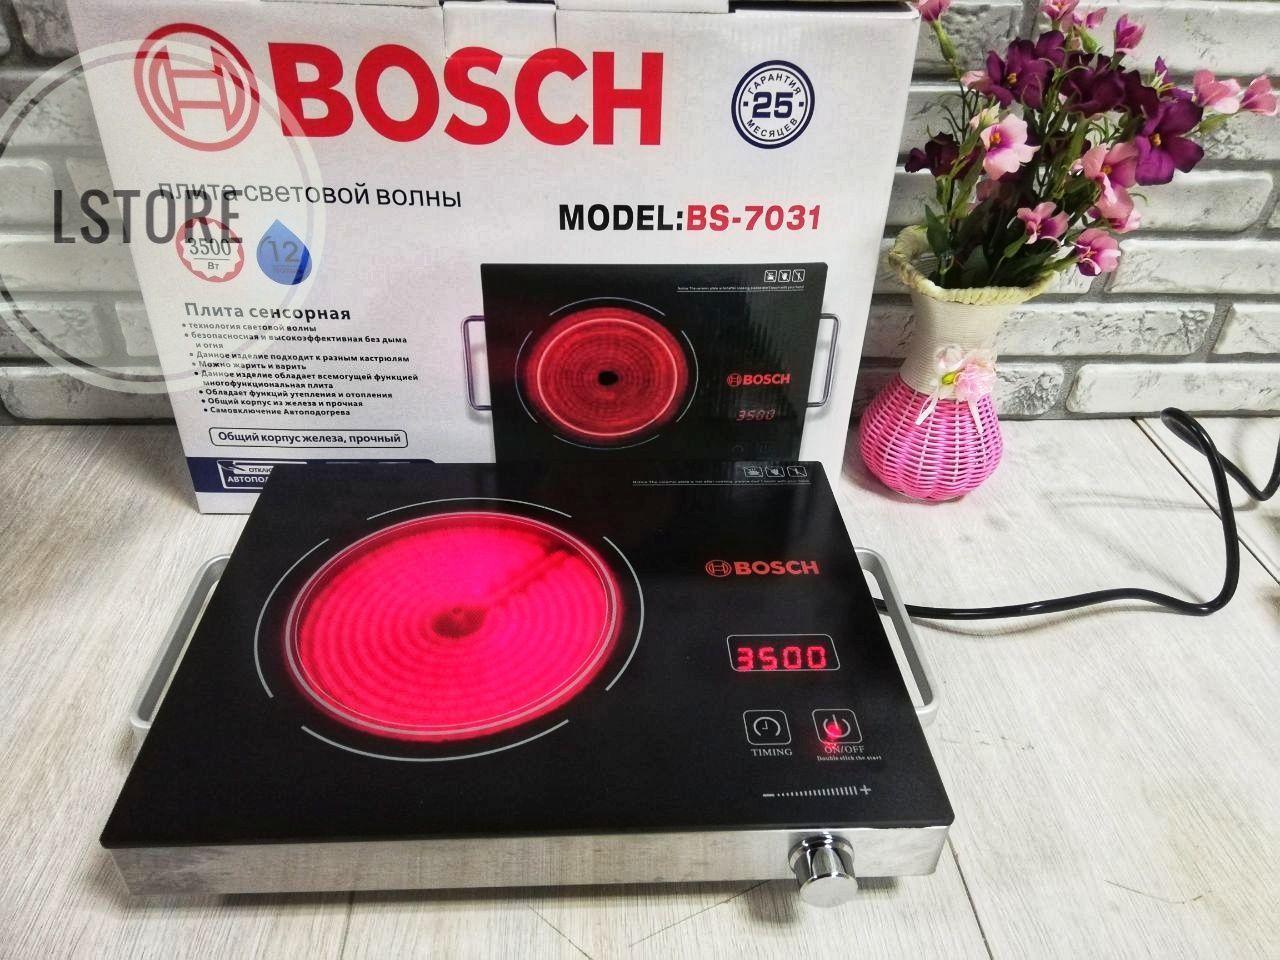 Инфракрасная электрическая плита Bosh 3500 вт